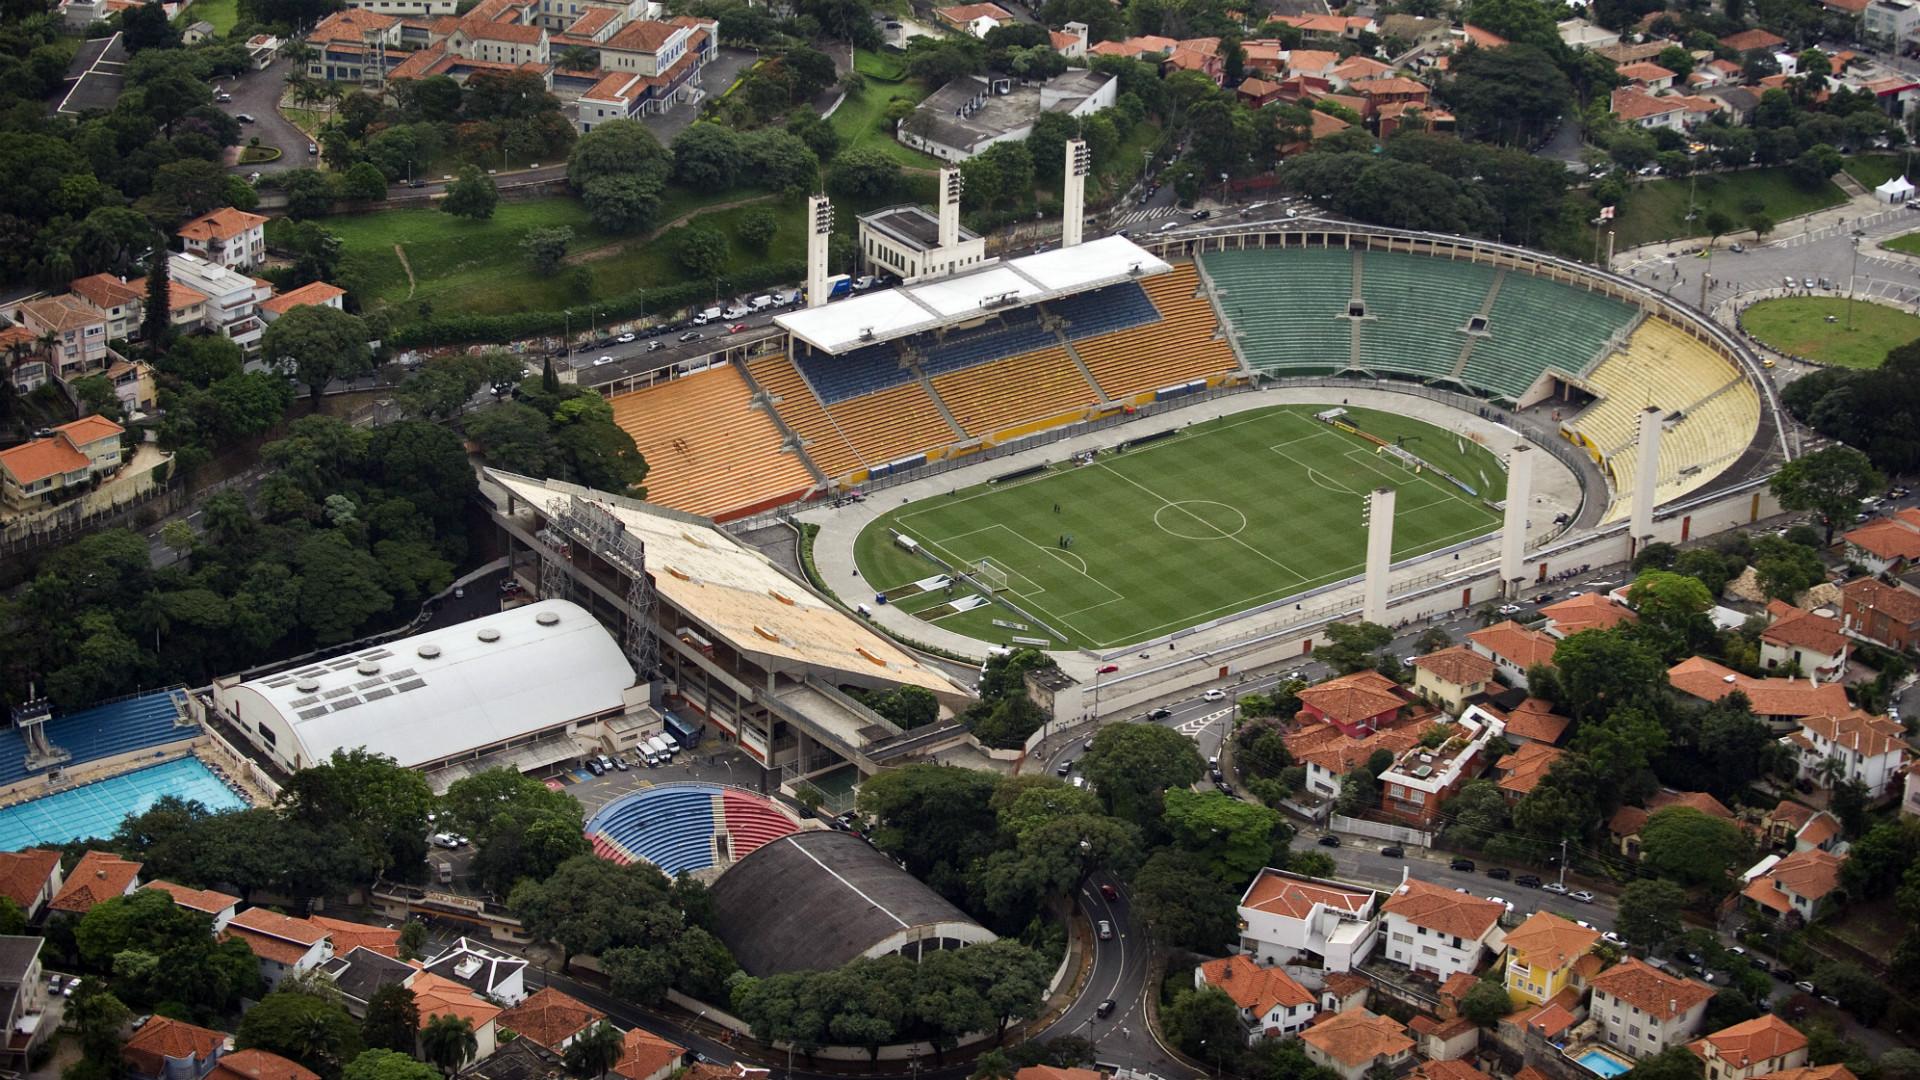 Corinthians provoca São Paulo nas redes sociais após vencer clássico